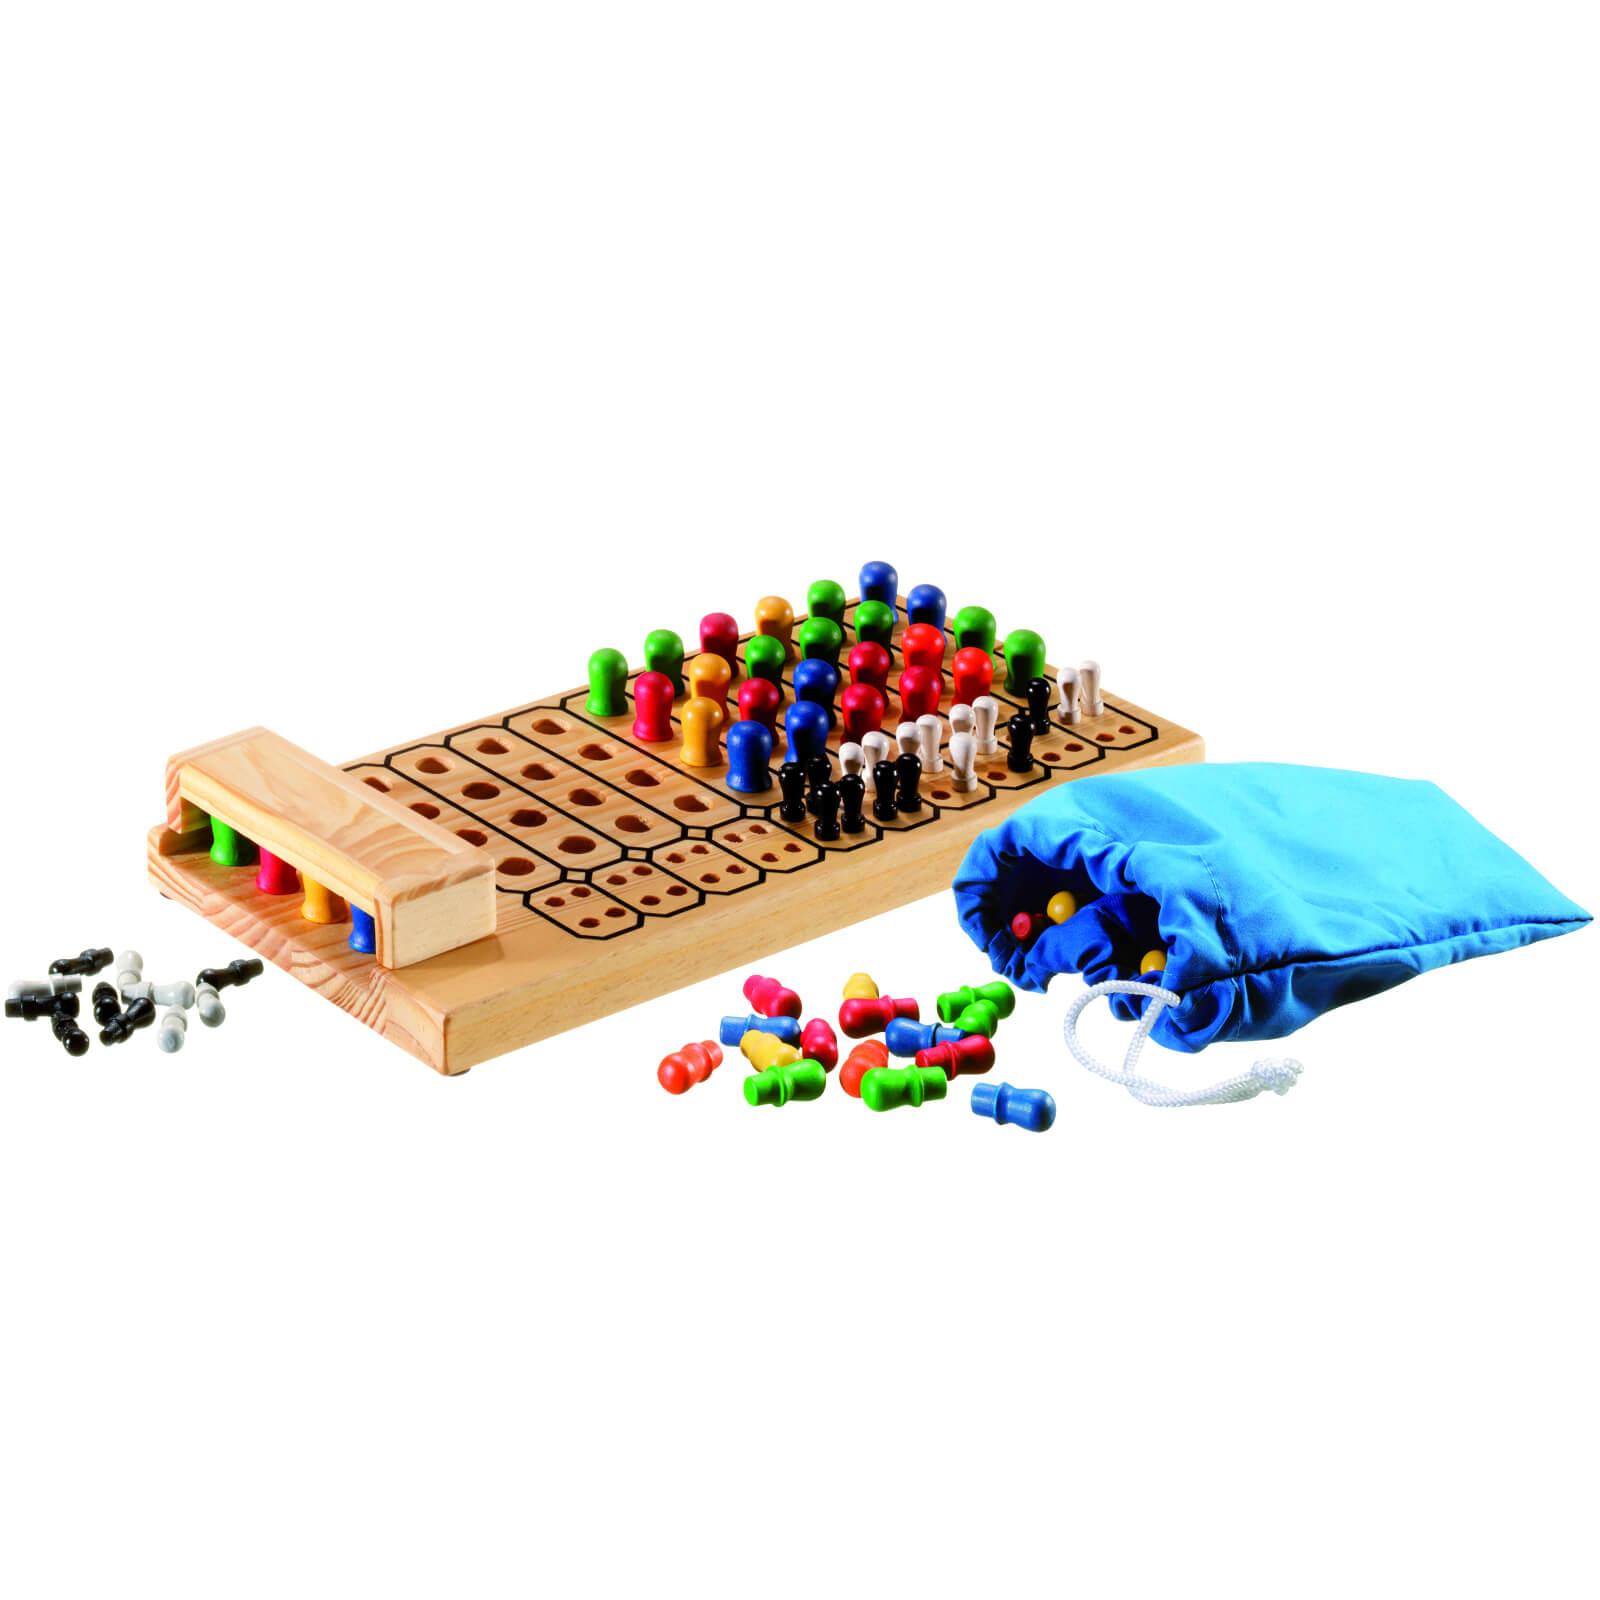 Paul Lamond Games Brainmaster Game